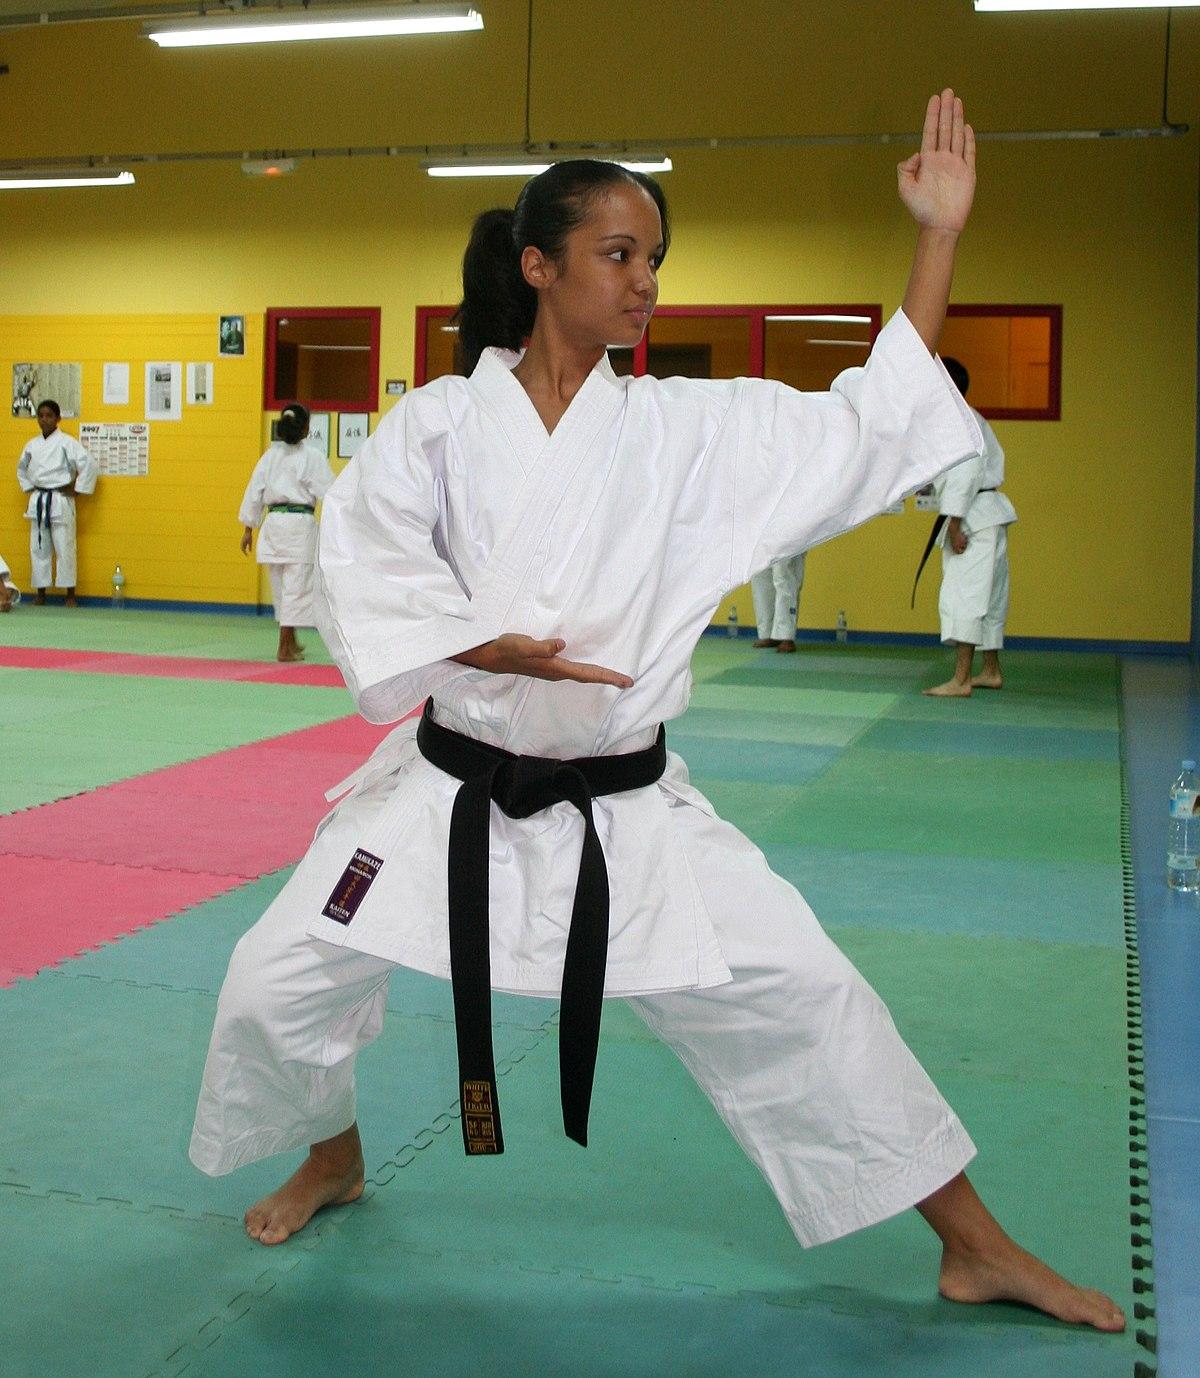 Vs belts karate taekwondo What Are